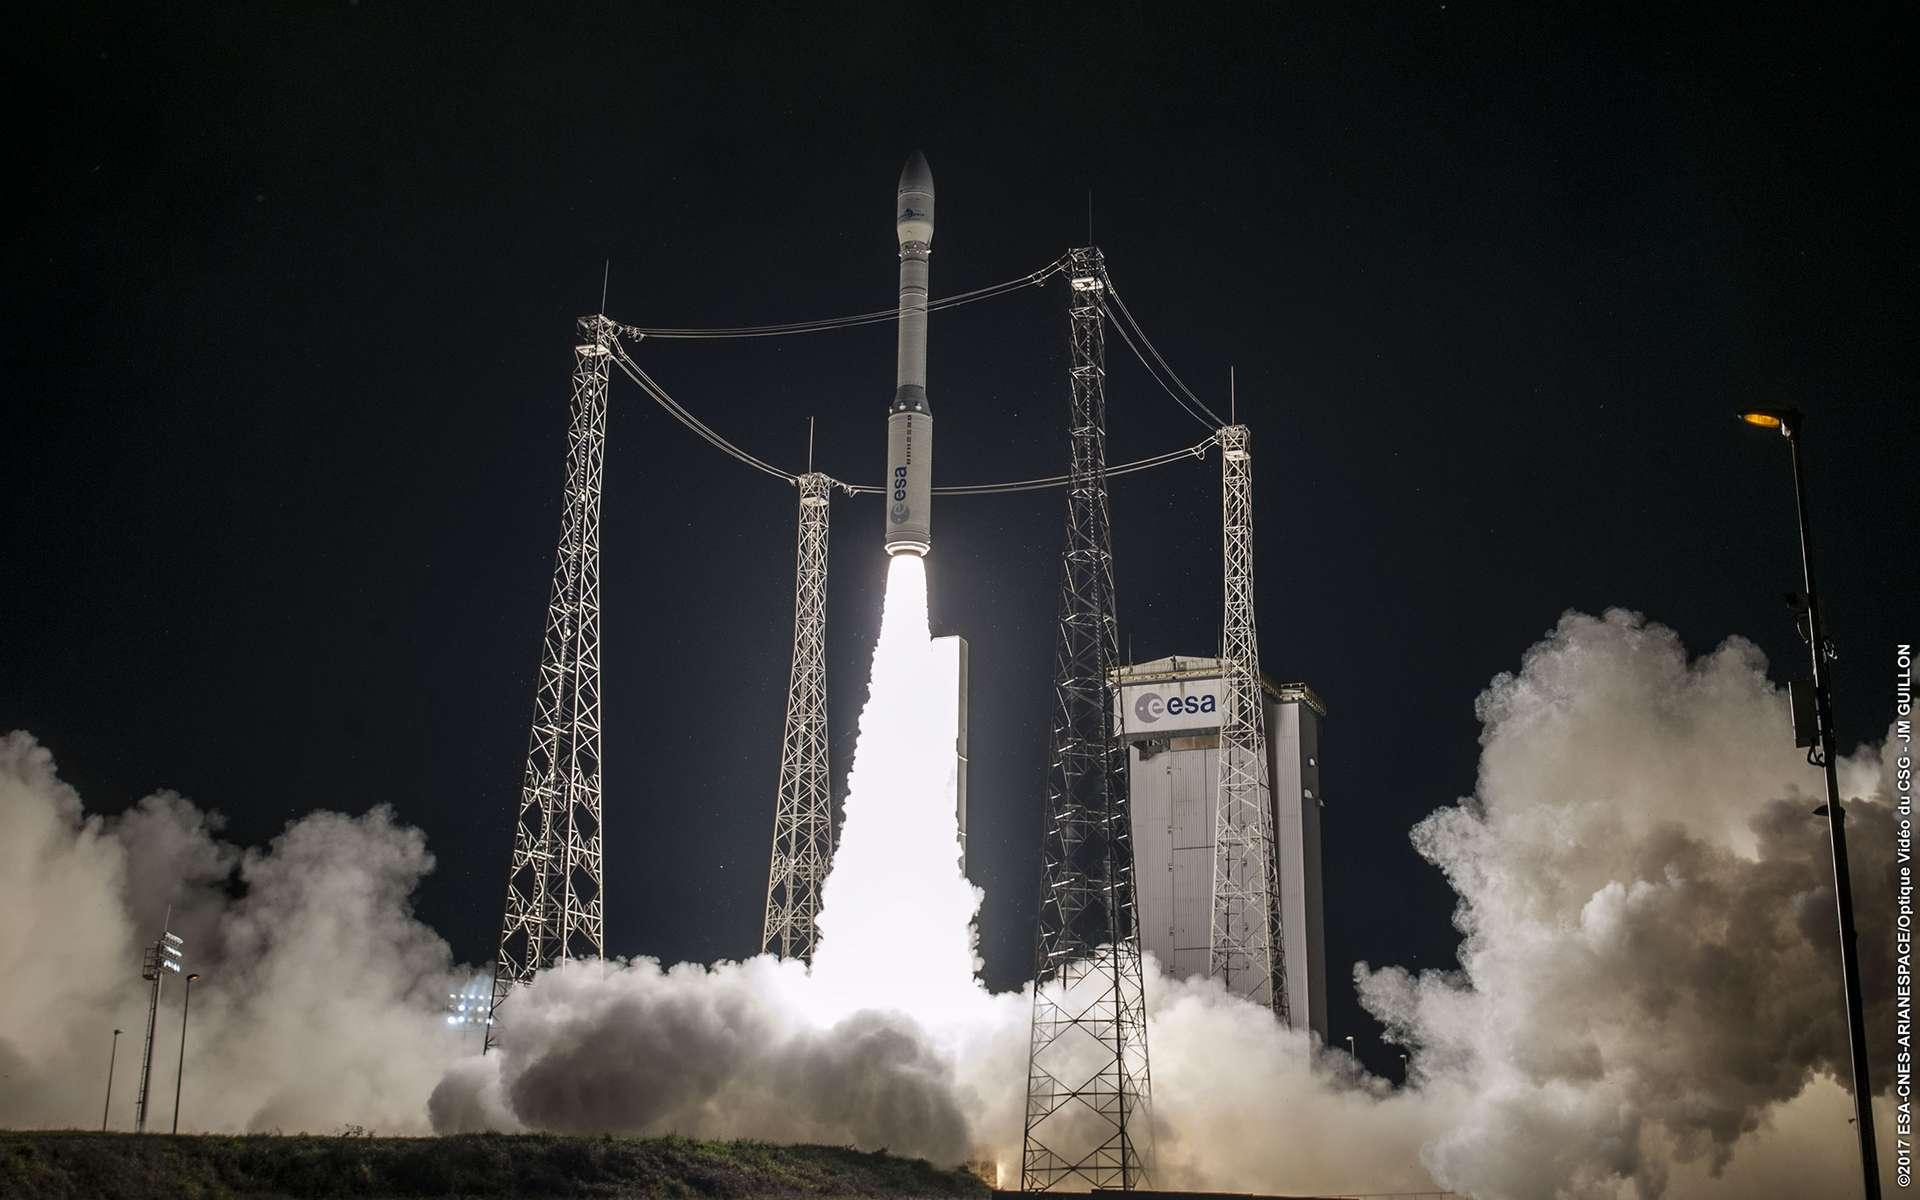 Décollage du lanceur Vega (VV17) le 17 novembre. Huit minutes plus tard, une dégradation de la trajectoire était constatée, entraînant la perte de la mission et des deux satellites d'observation de la Terre que Vega transportait. © ESA, Cnes, Arianespace